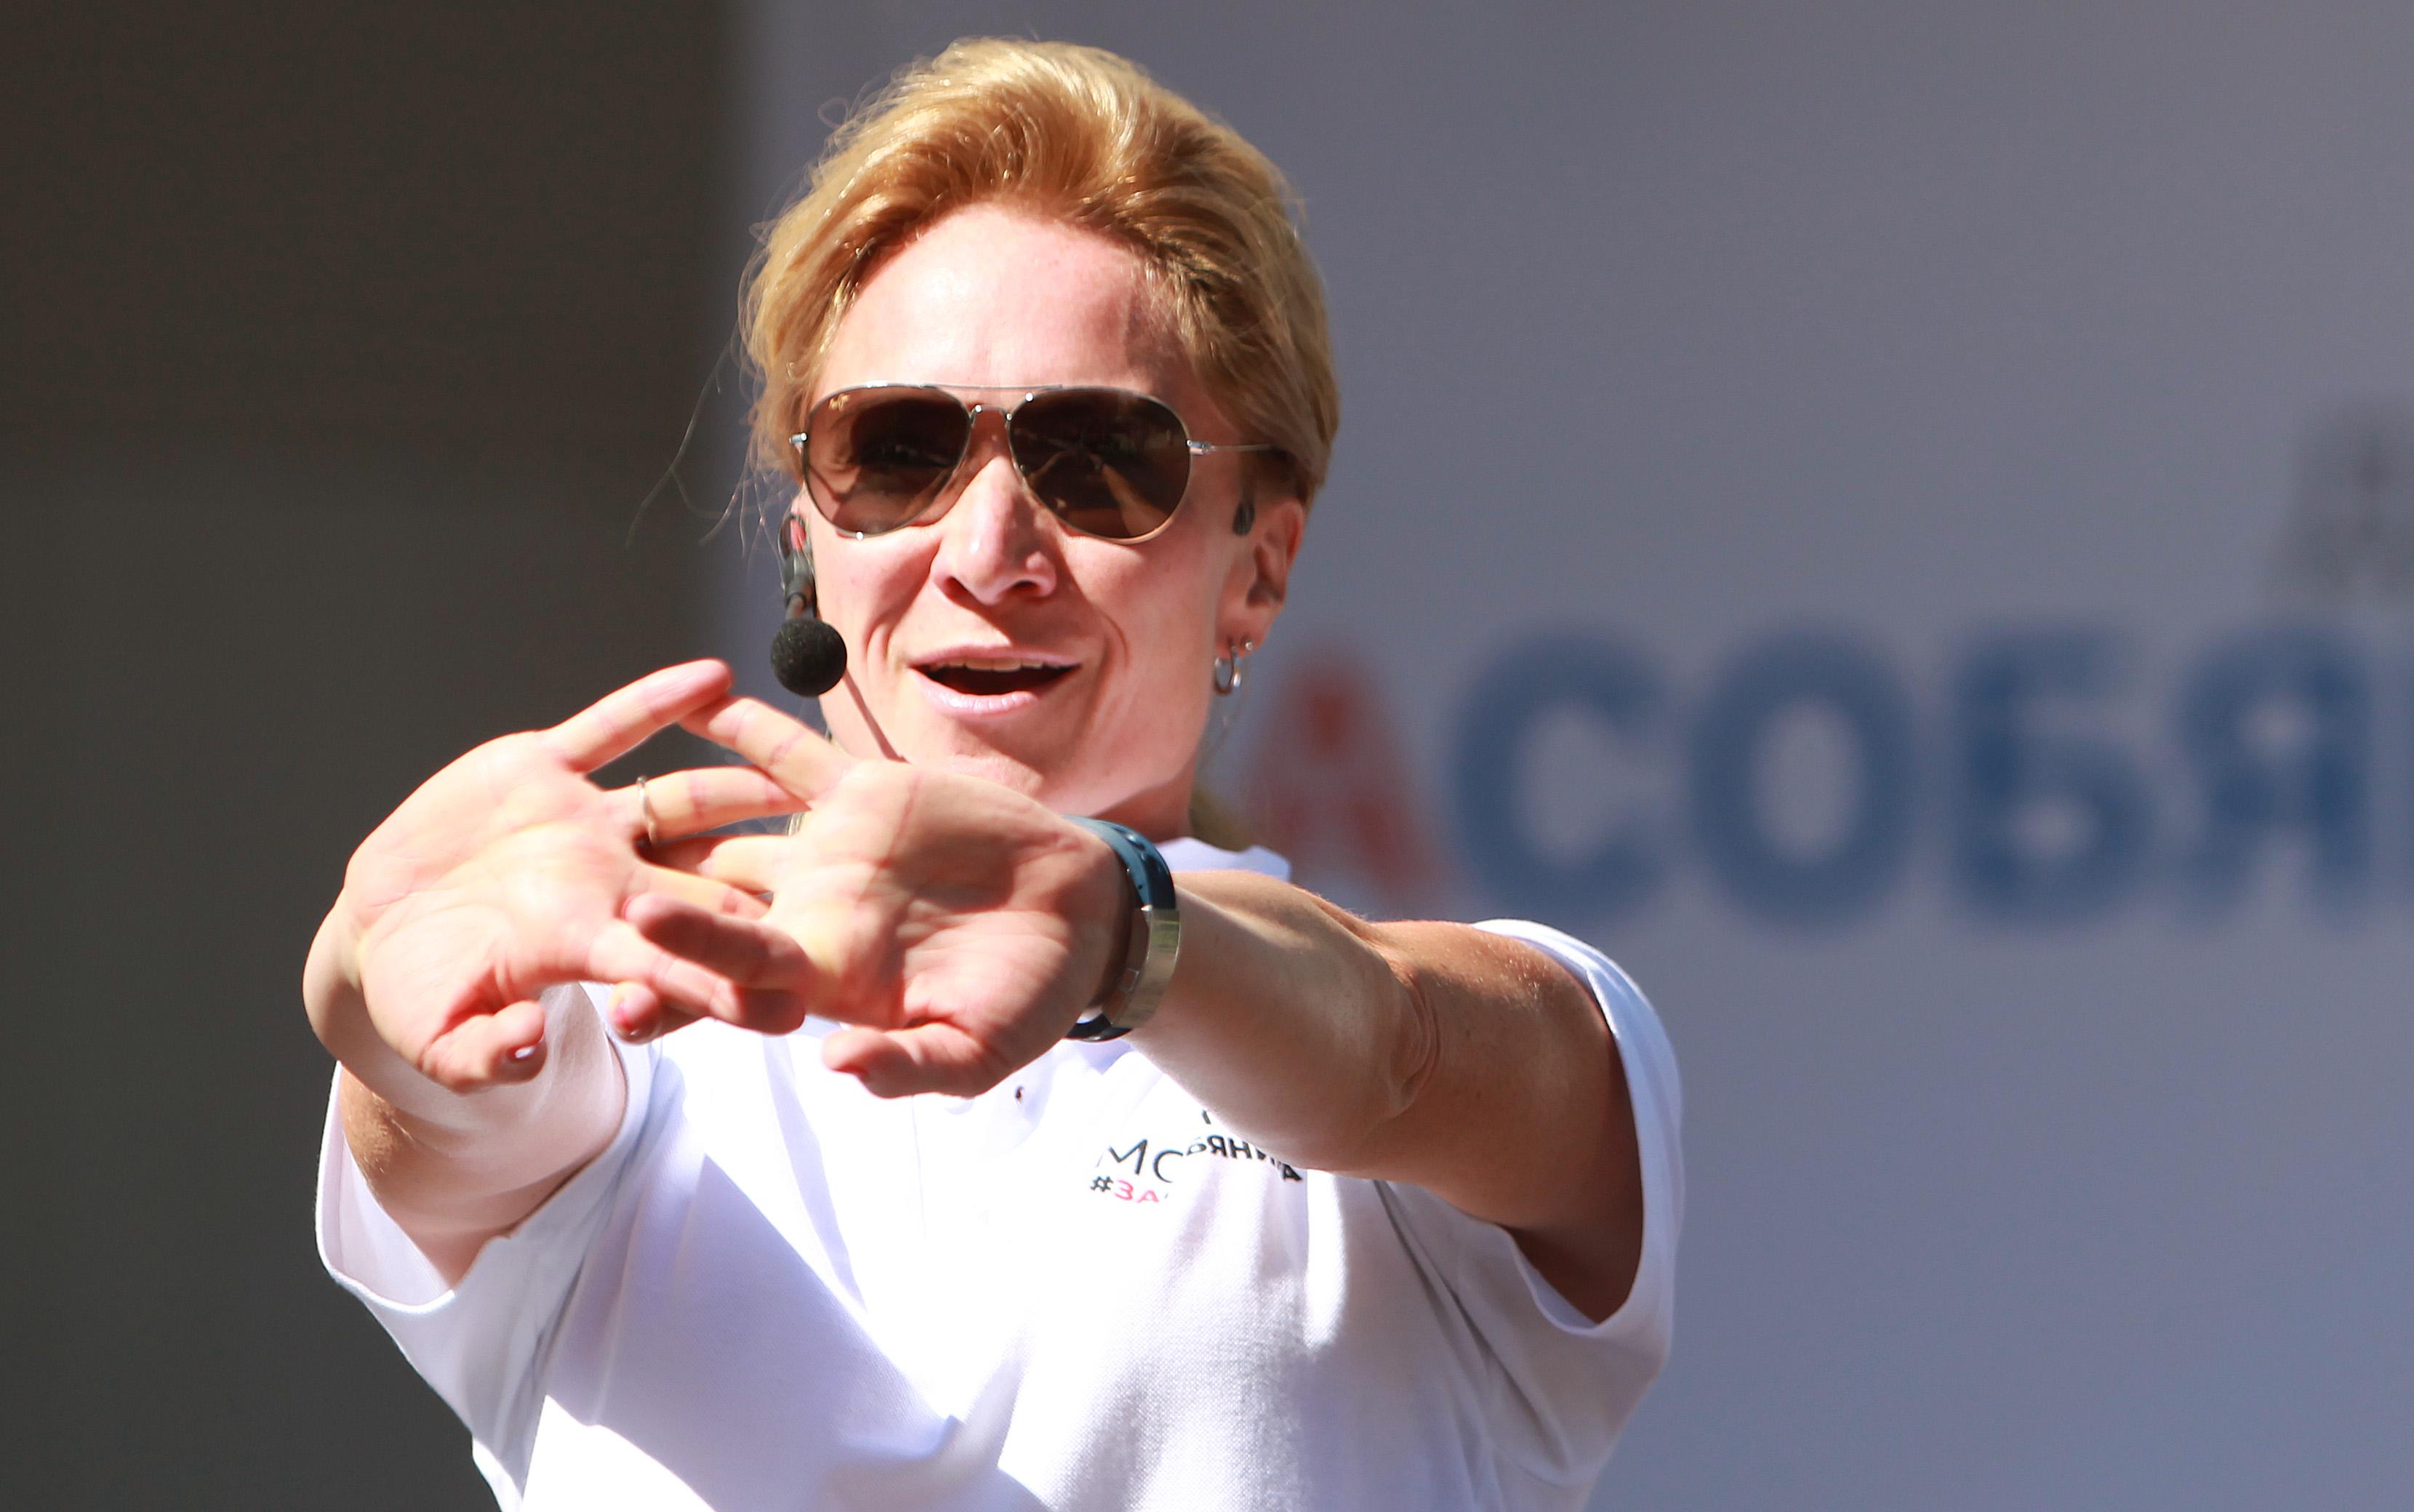 Депутат Мосгордумы Мария Киселева: Тренировки в парках Москвы помогают быть в тонусе